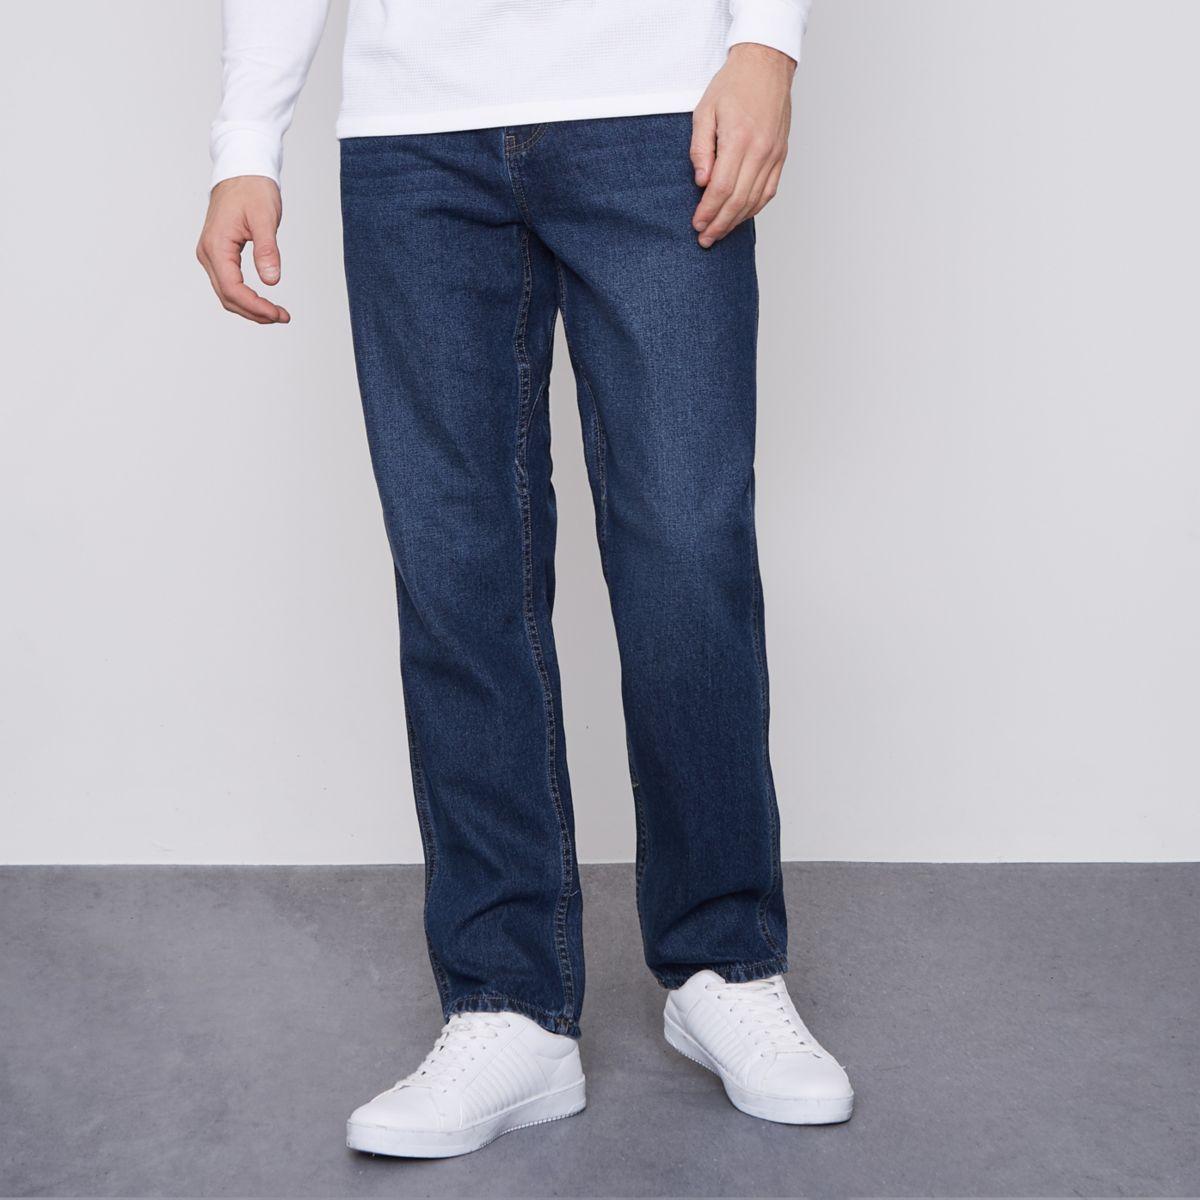 Monkee Genes – Jean ample bleu style workwear